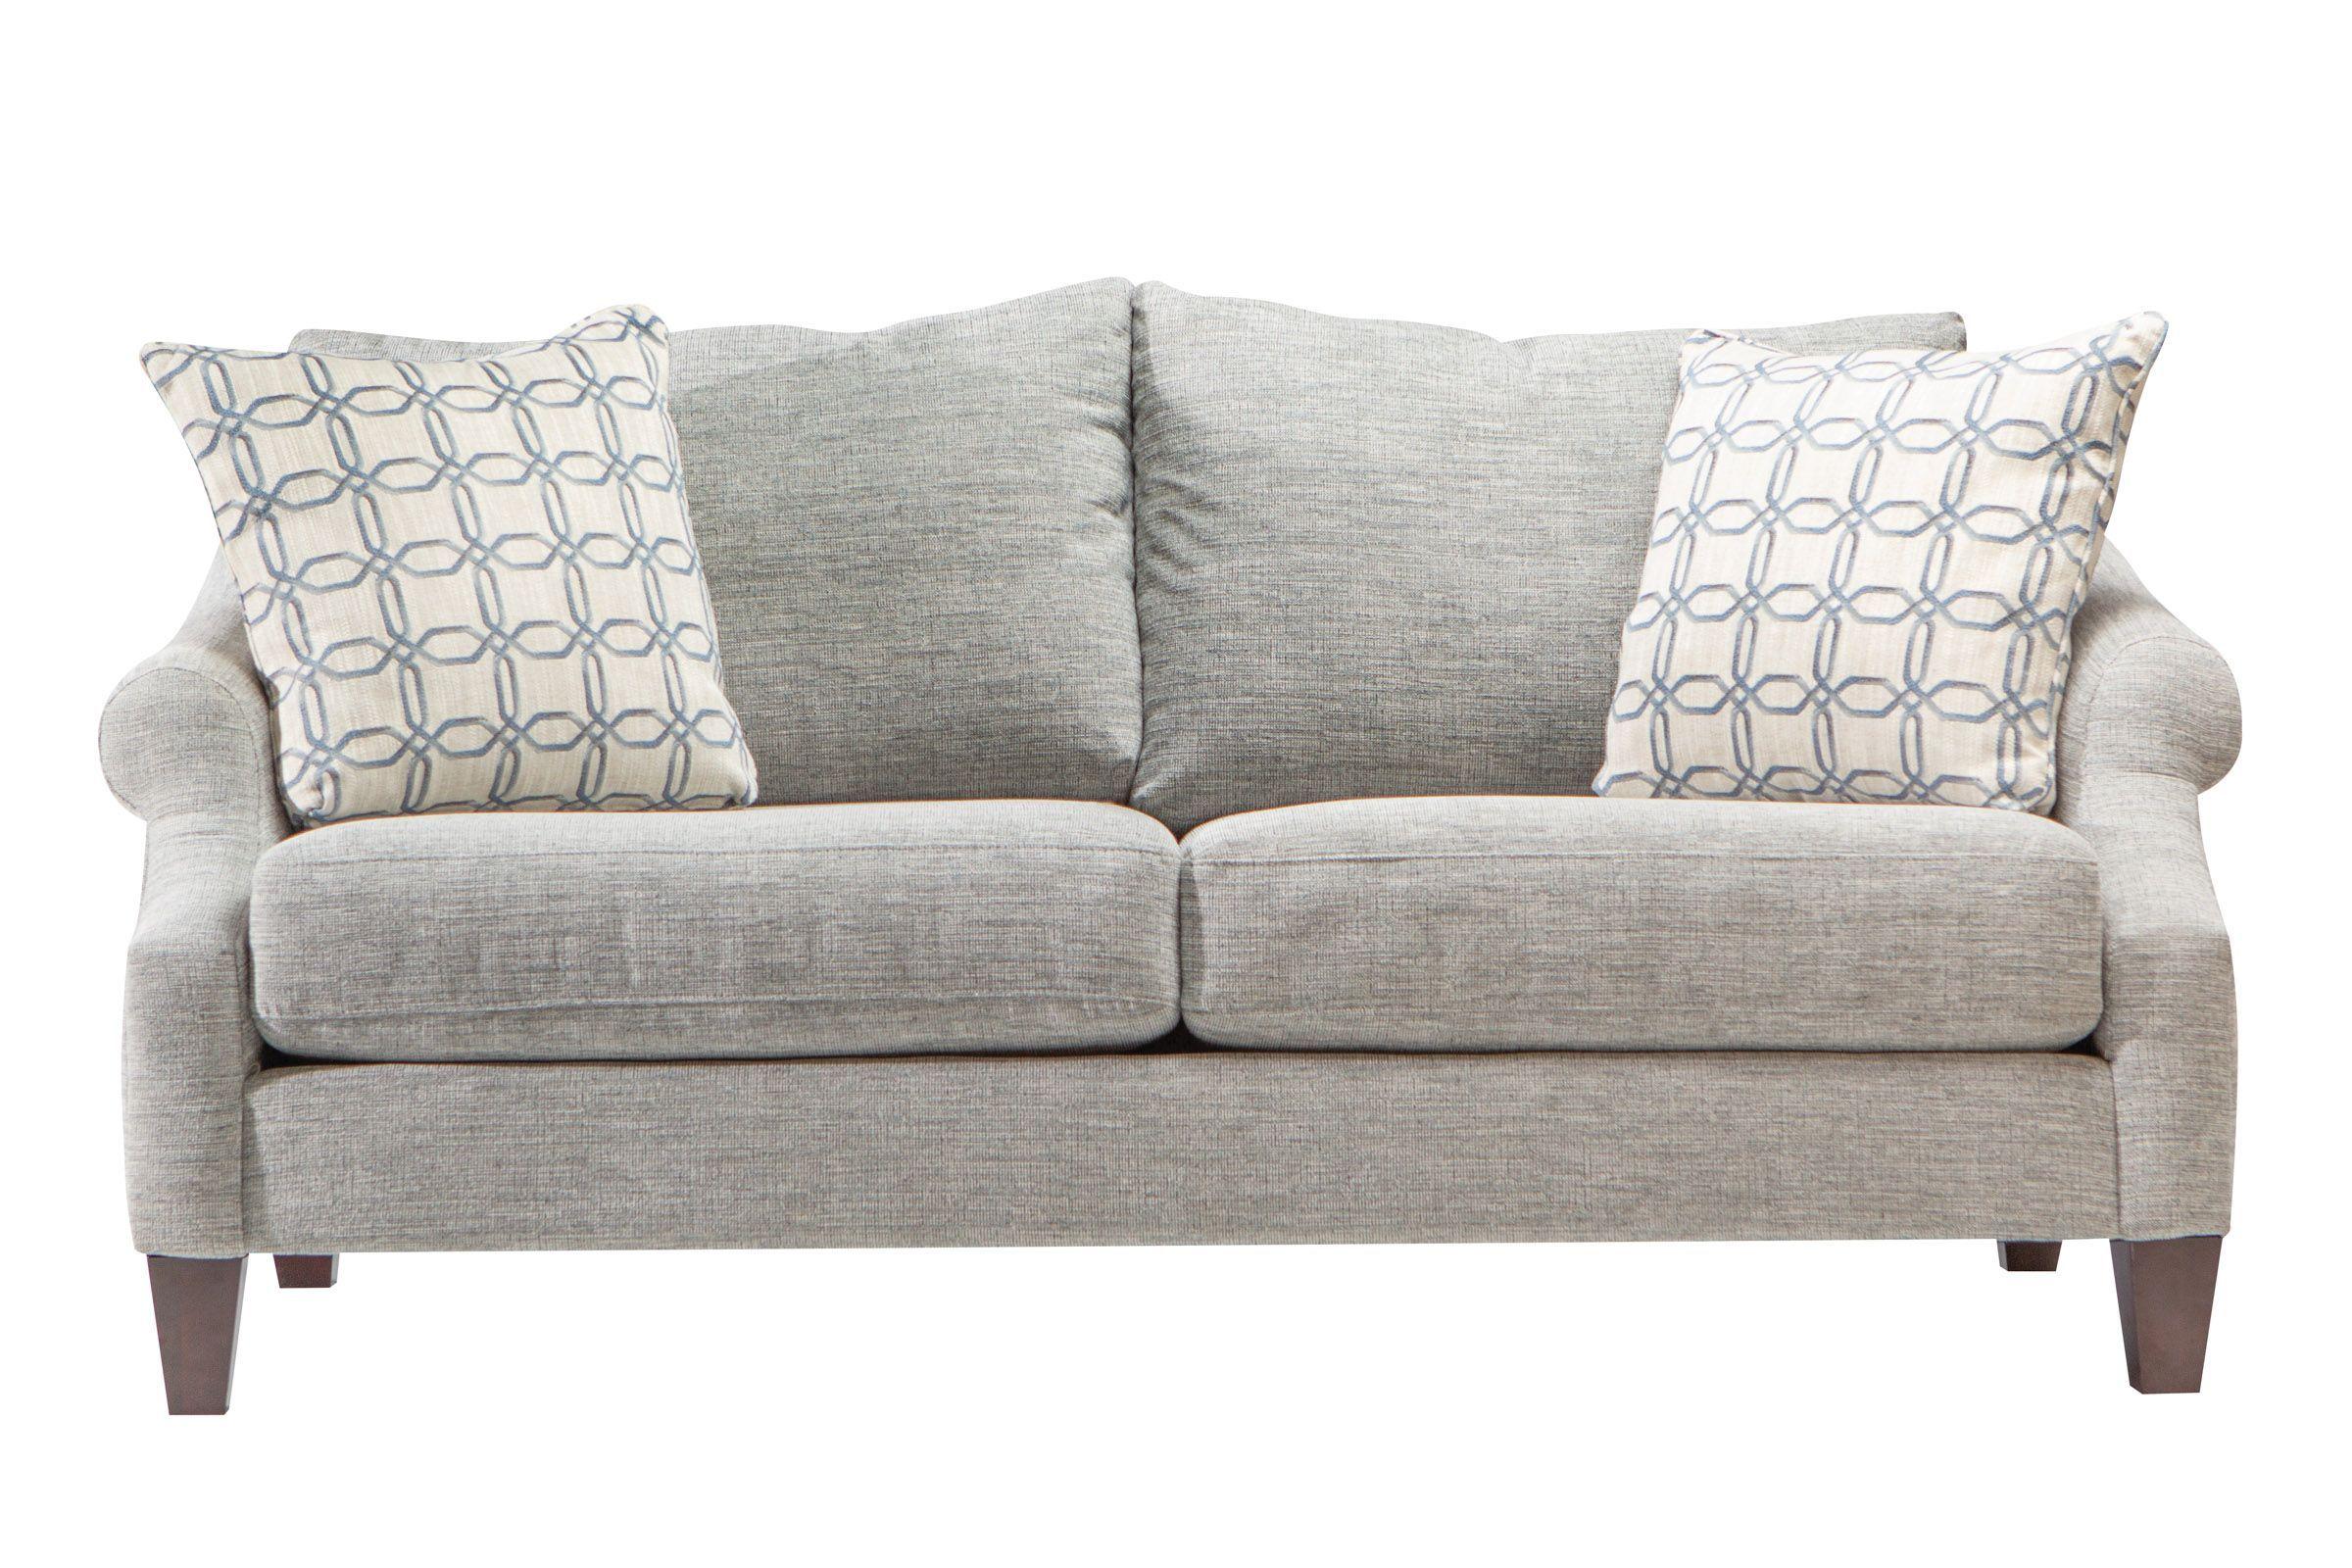 Nora Loveseat in 2019 Sofa furniture, Bauhaus furniture